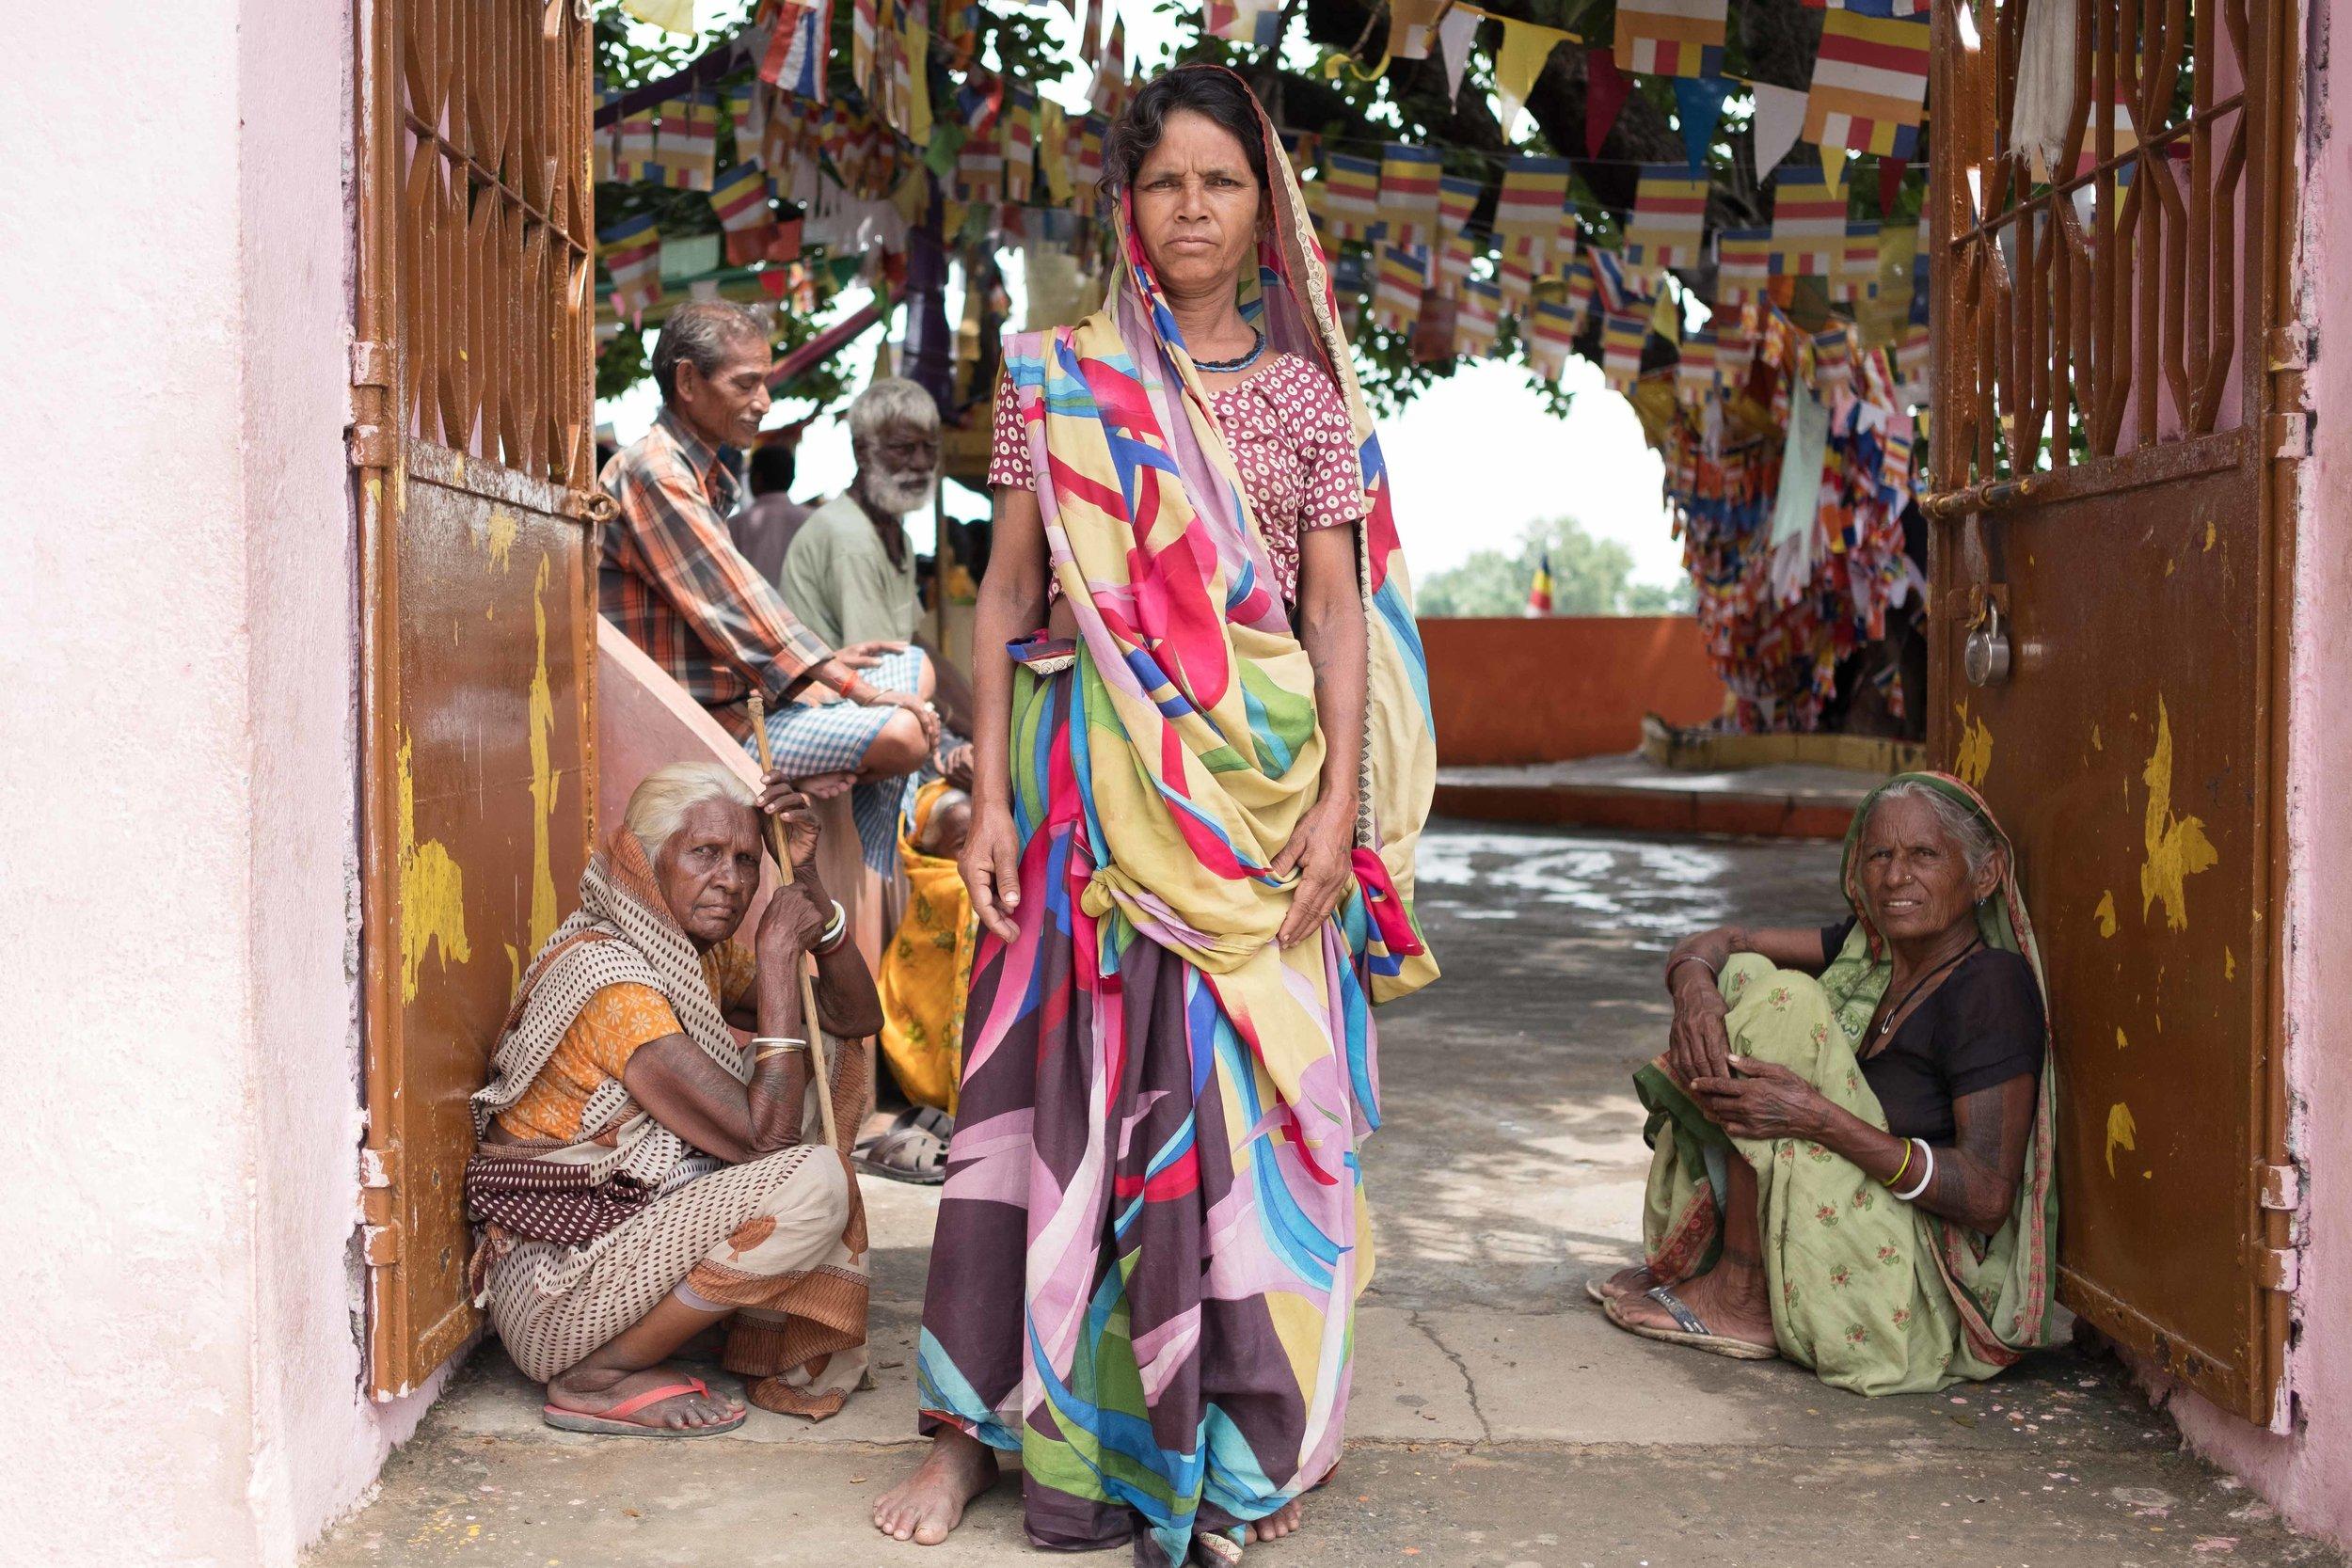 Bodh Gaya, India, 2018